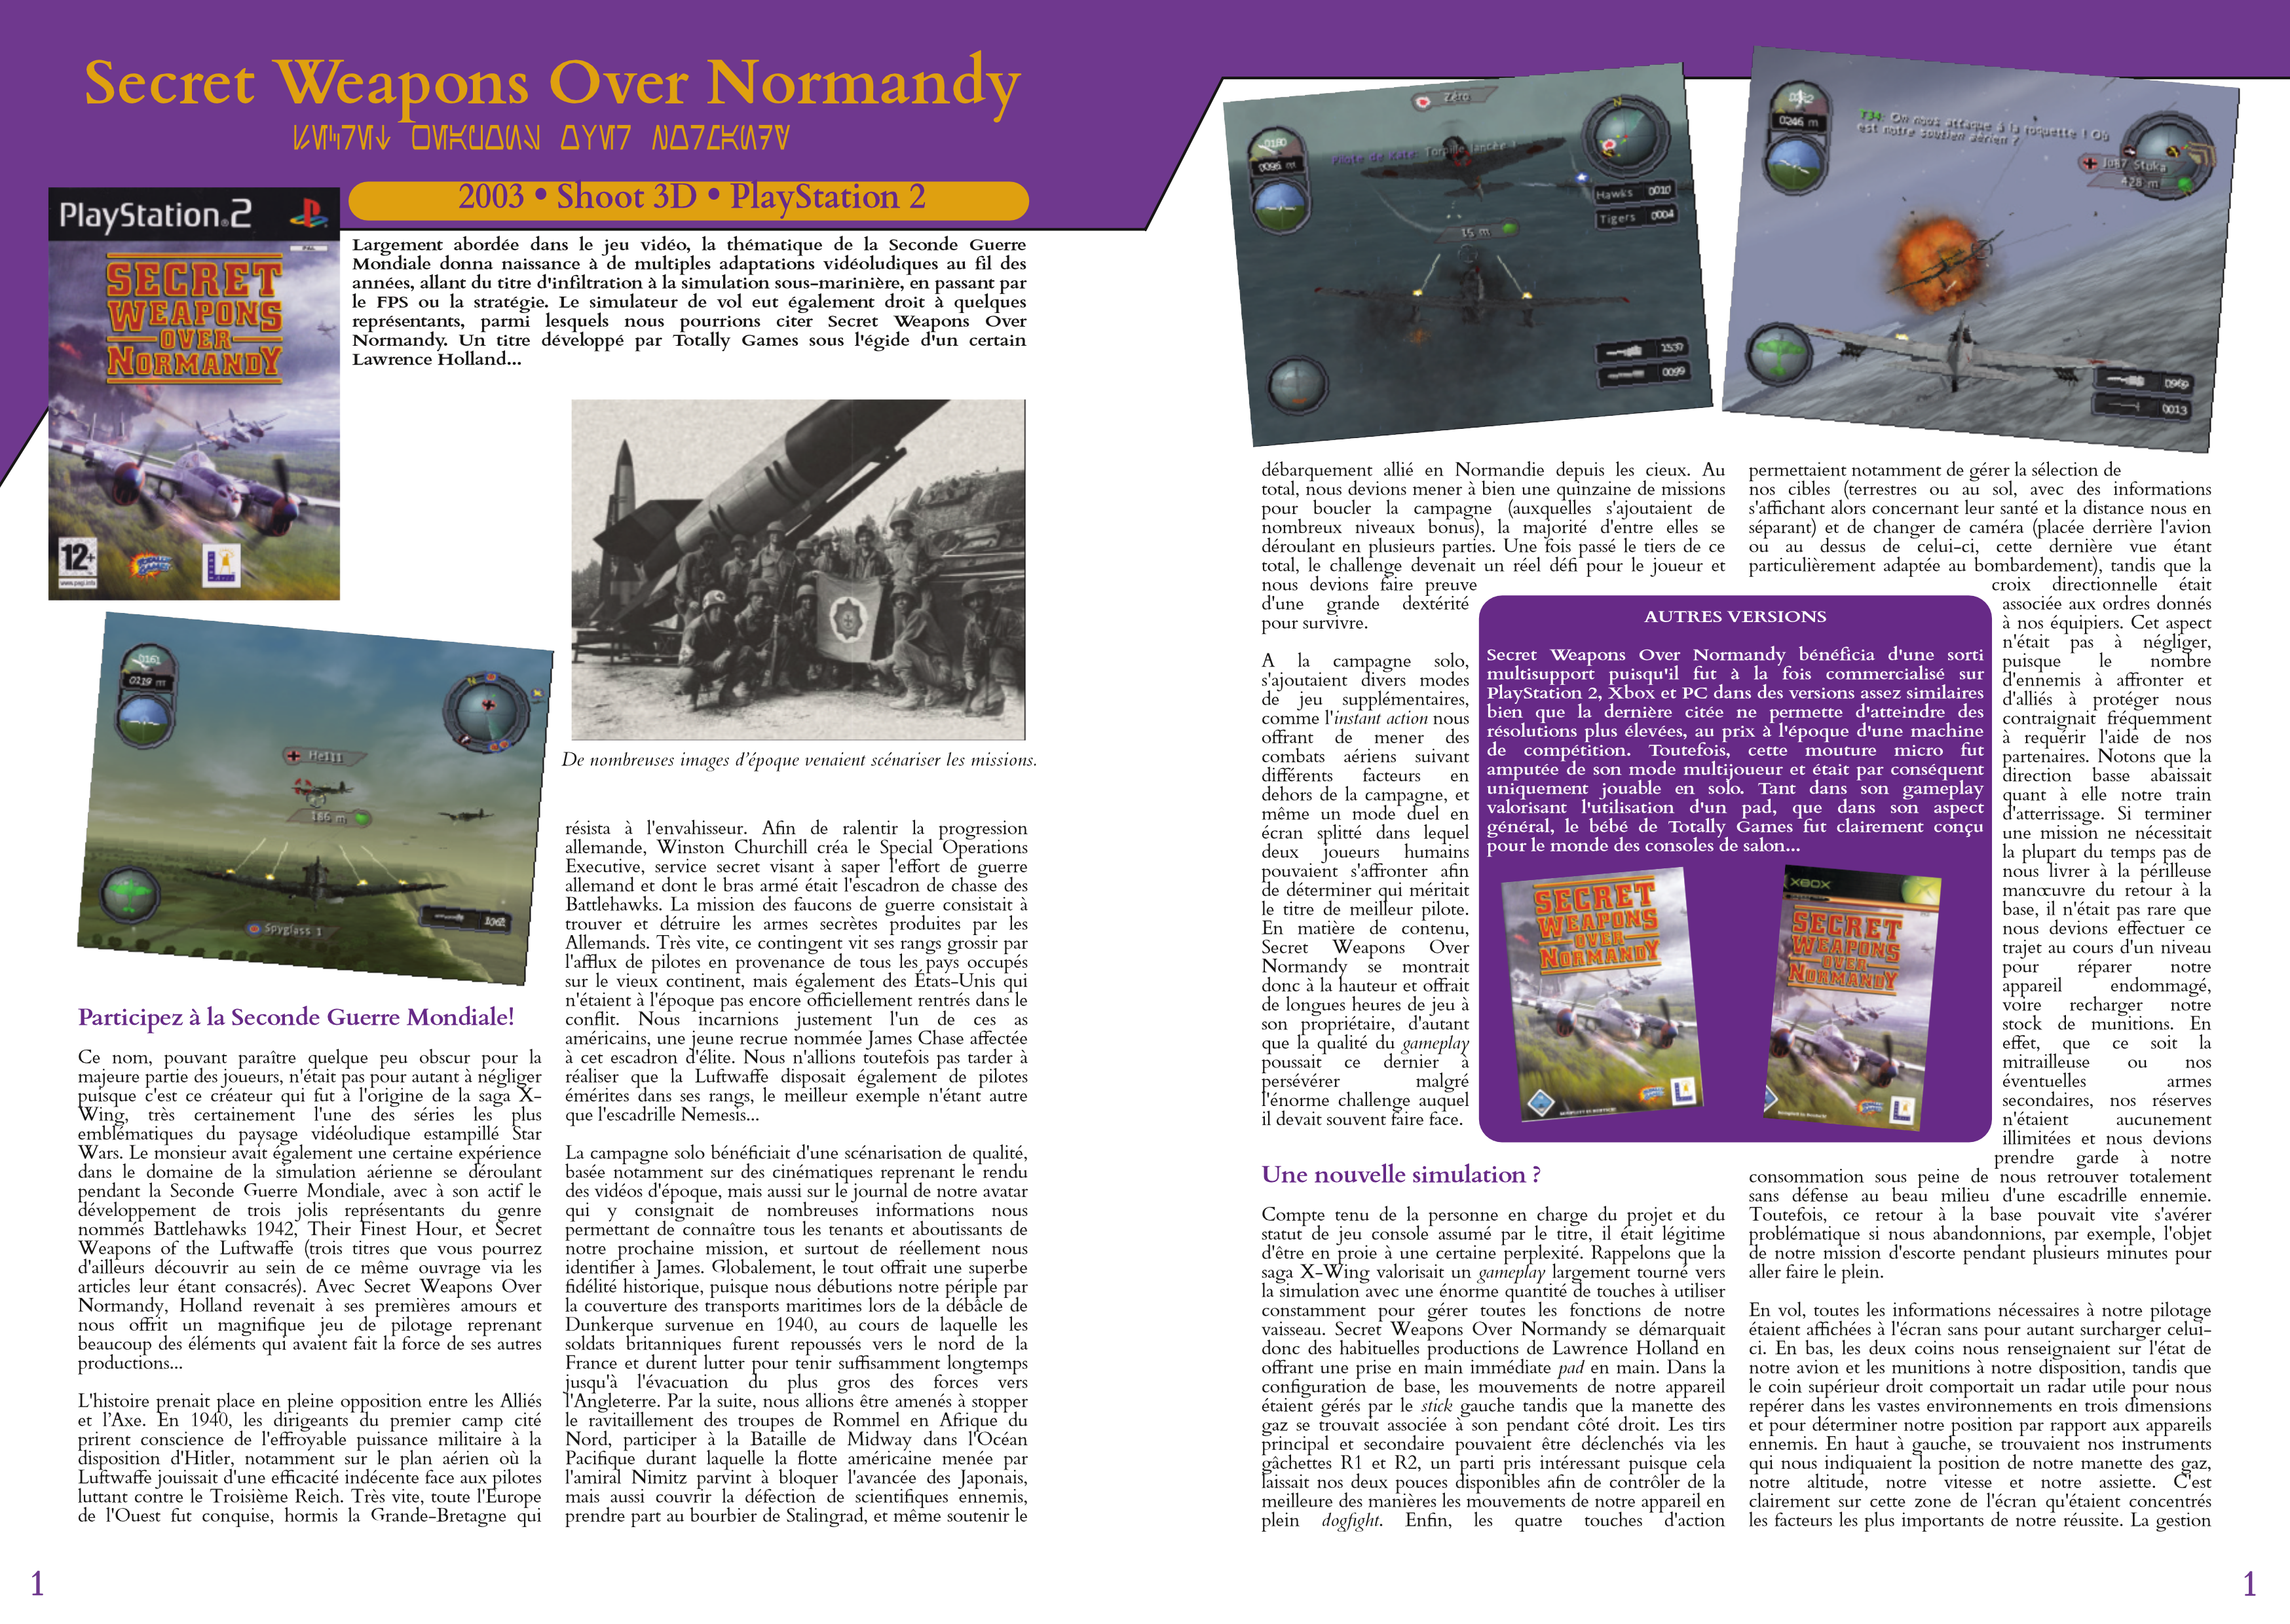 LucasArts les chroniques extrait Secret weapons over normandy